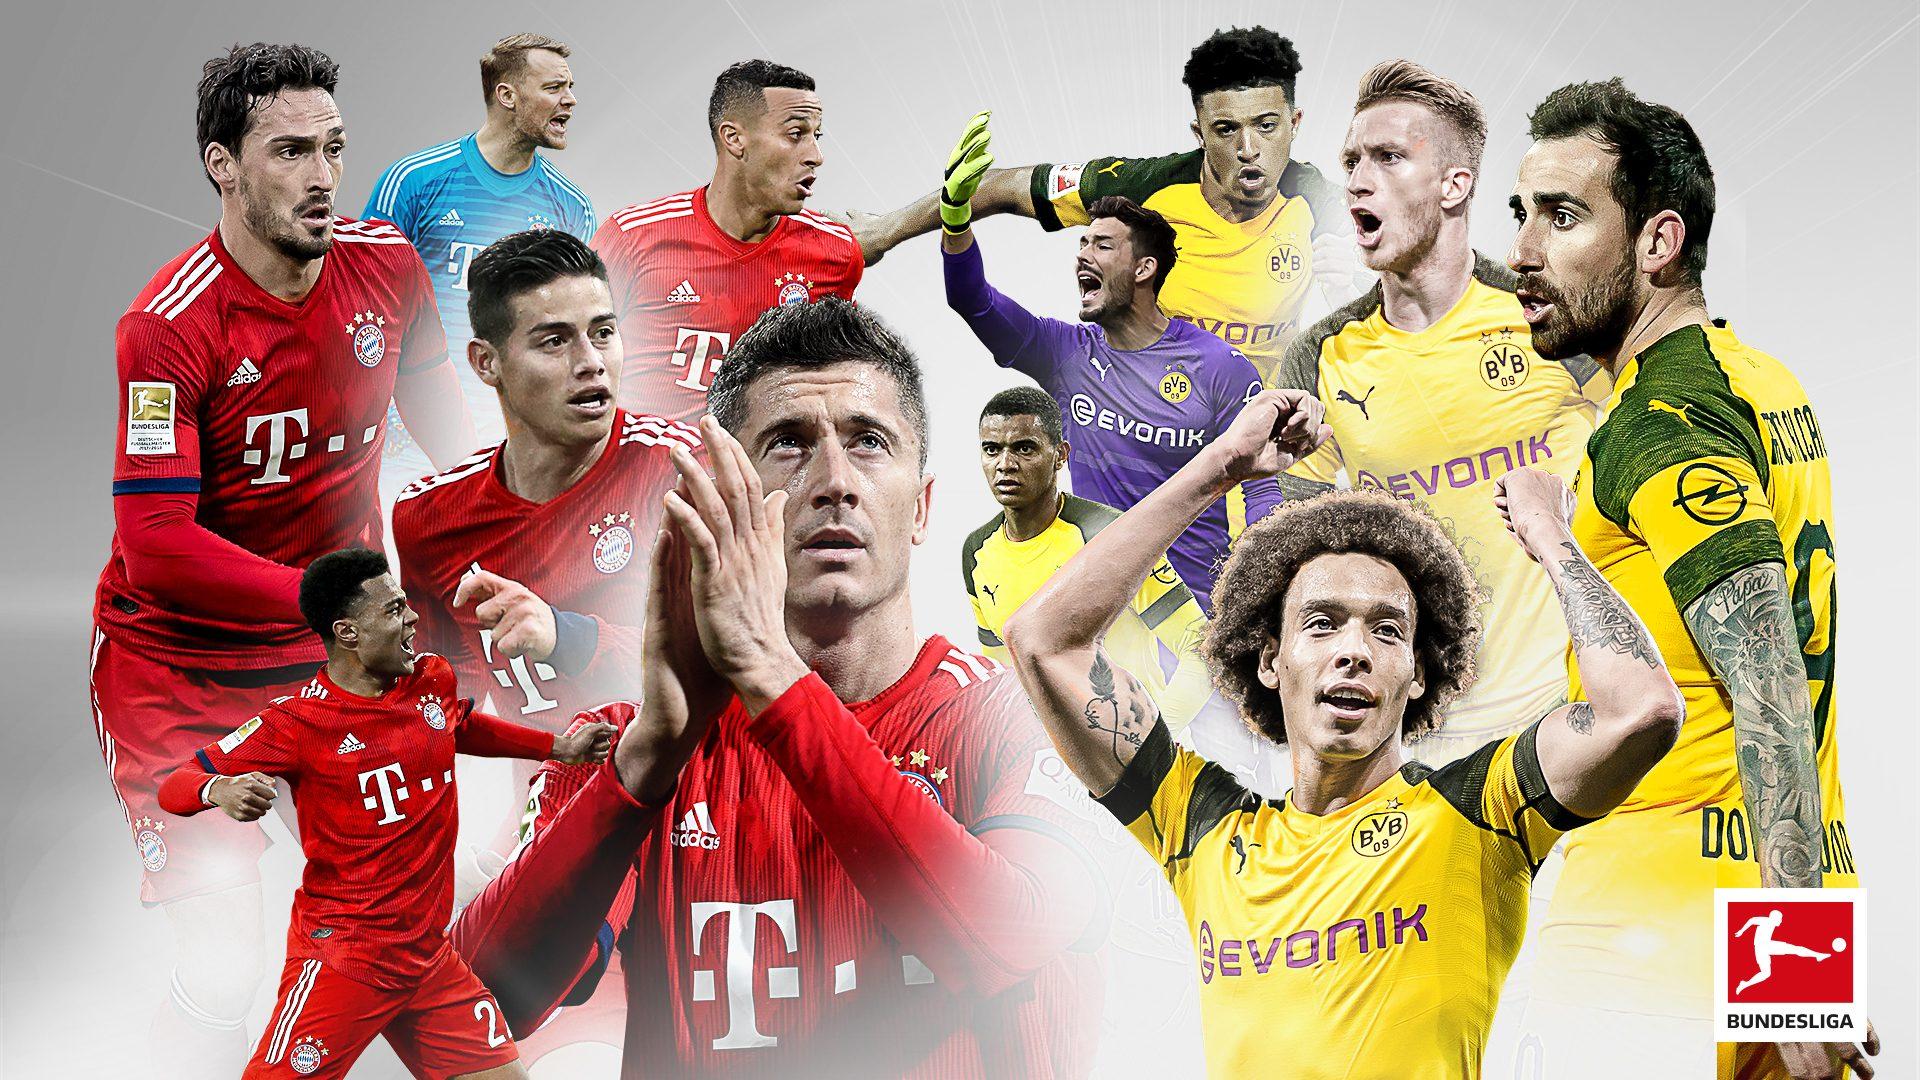 Titelkampf: Was spricht für Bayern, was für Dortmund?